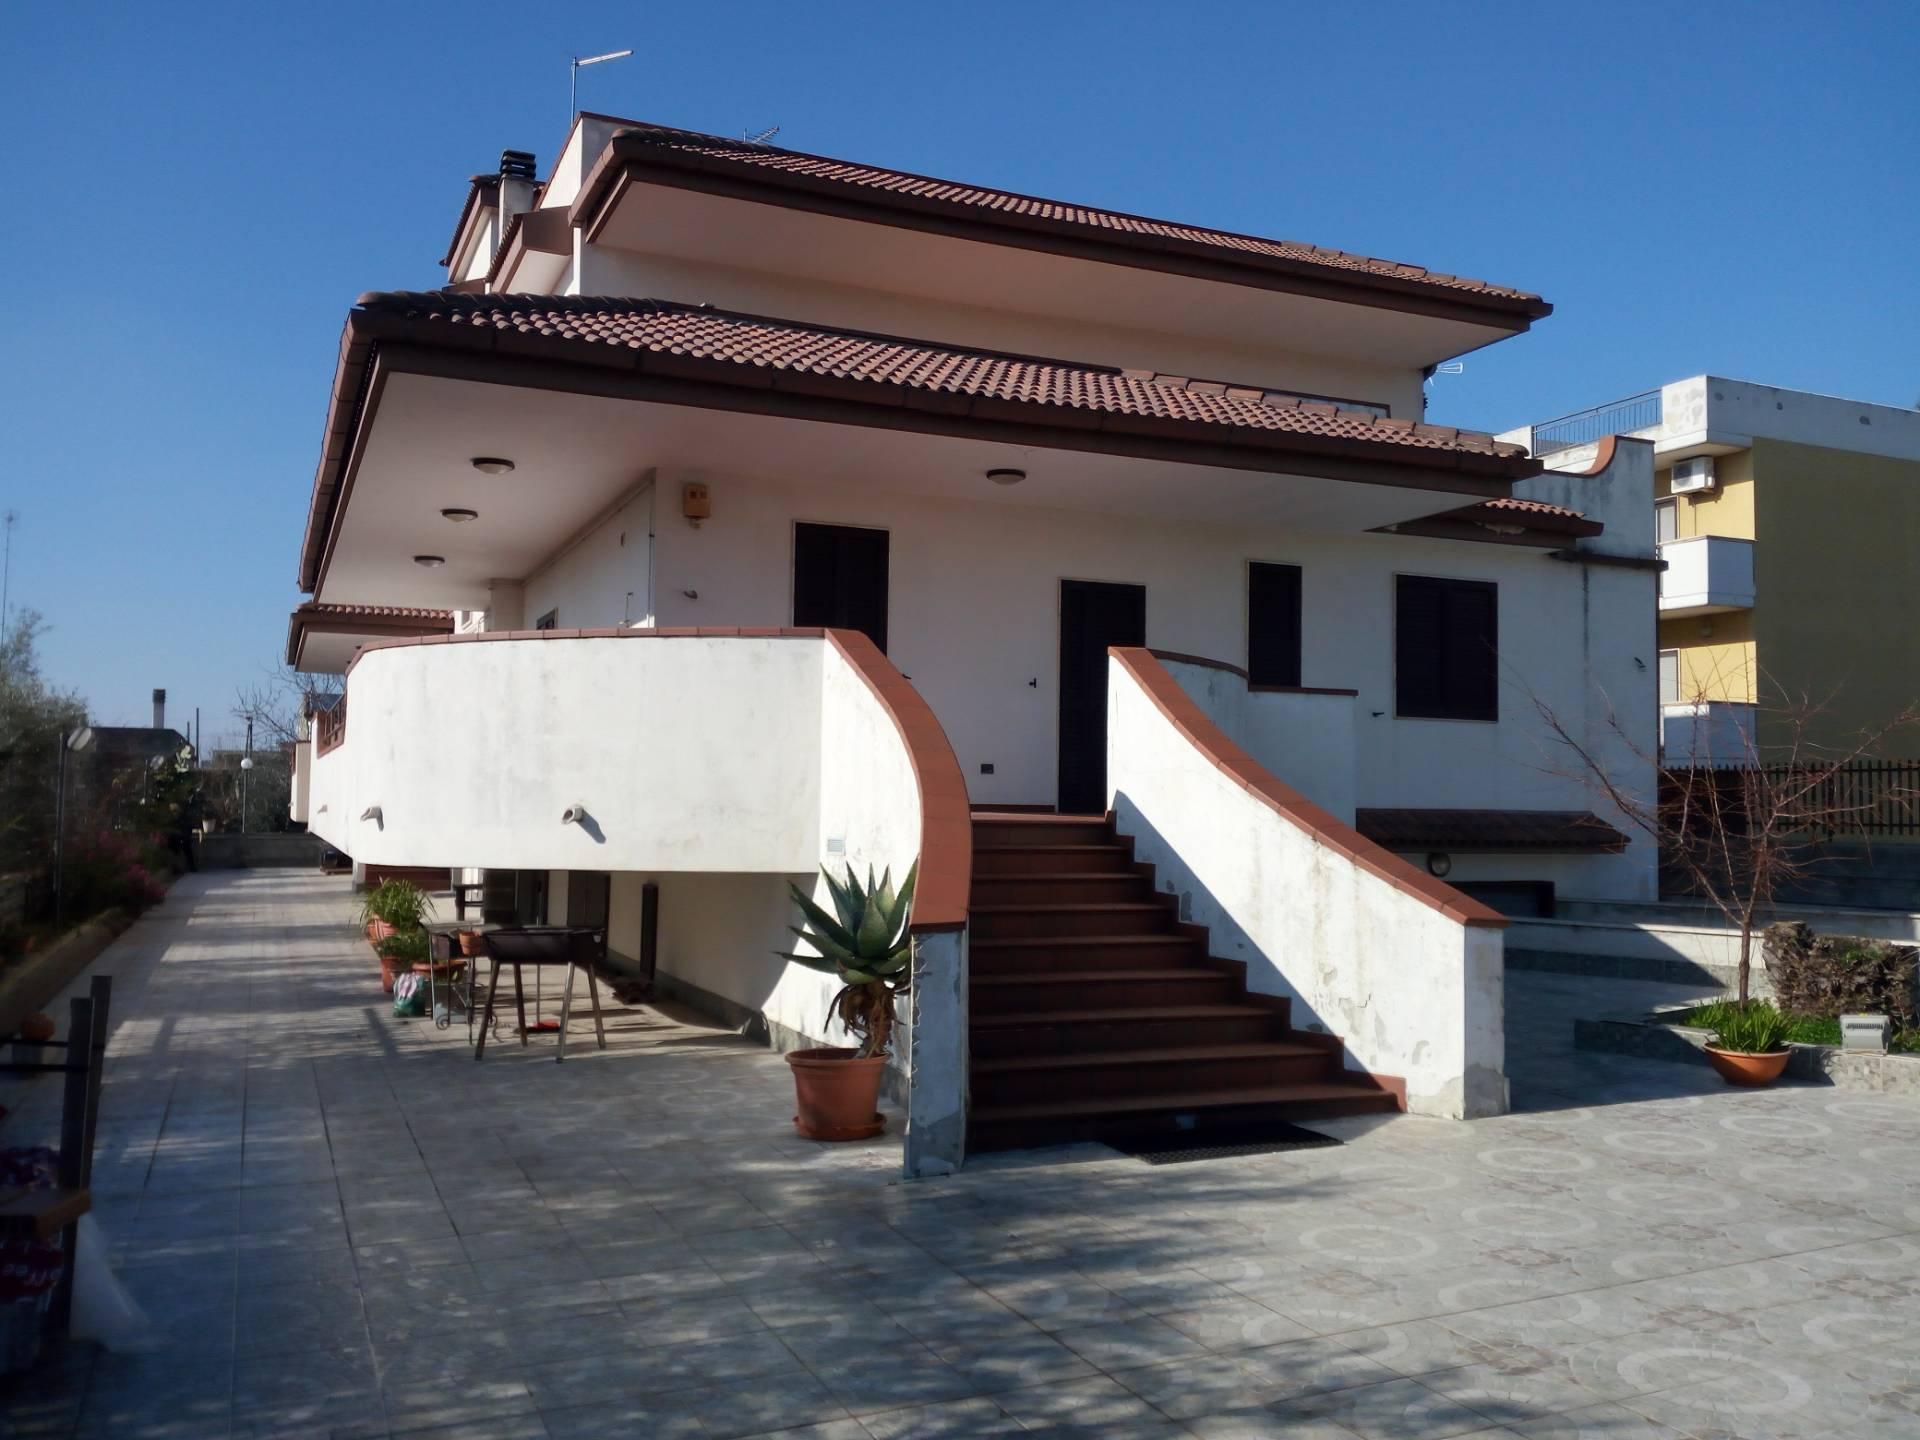 Appartamento in vendita a Statte, 15 locali, prezzo € 465.000 | CambioCasa.it